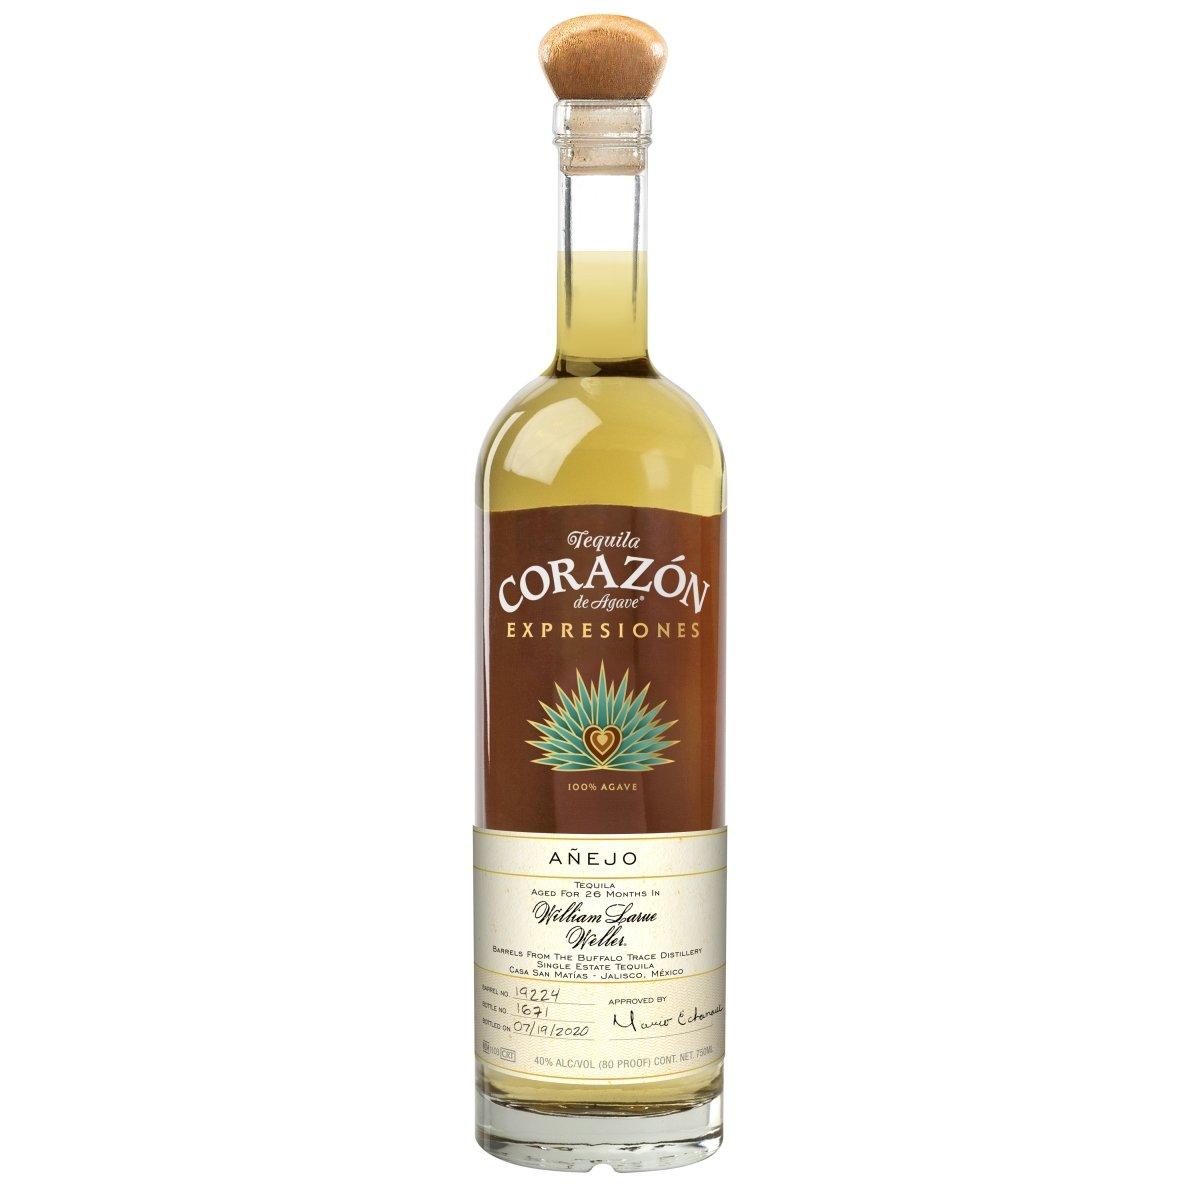 Botella de Expresiones del Corazon William Larue Weller Añejo